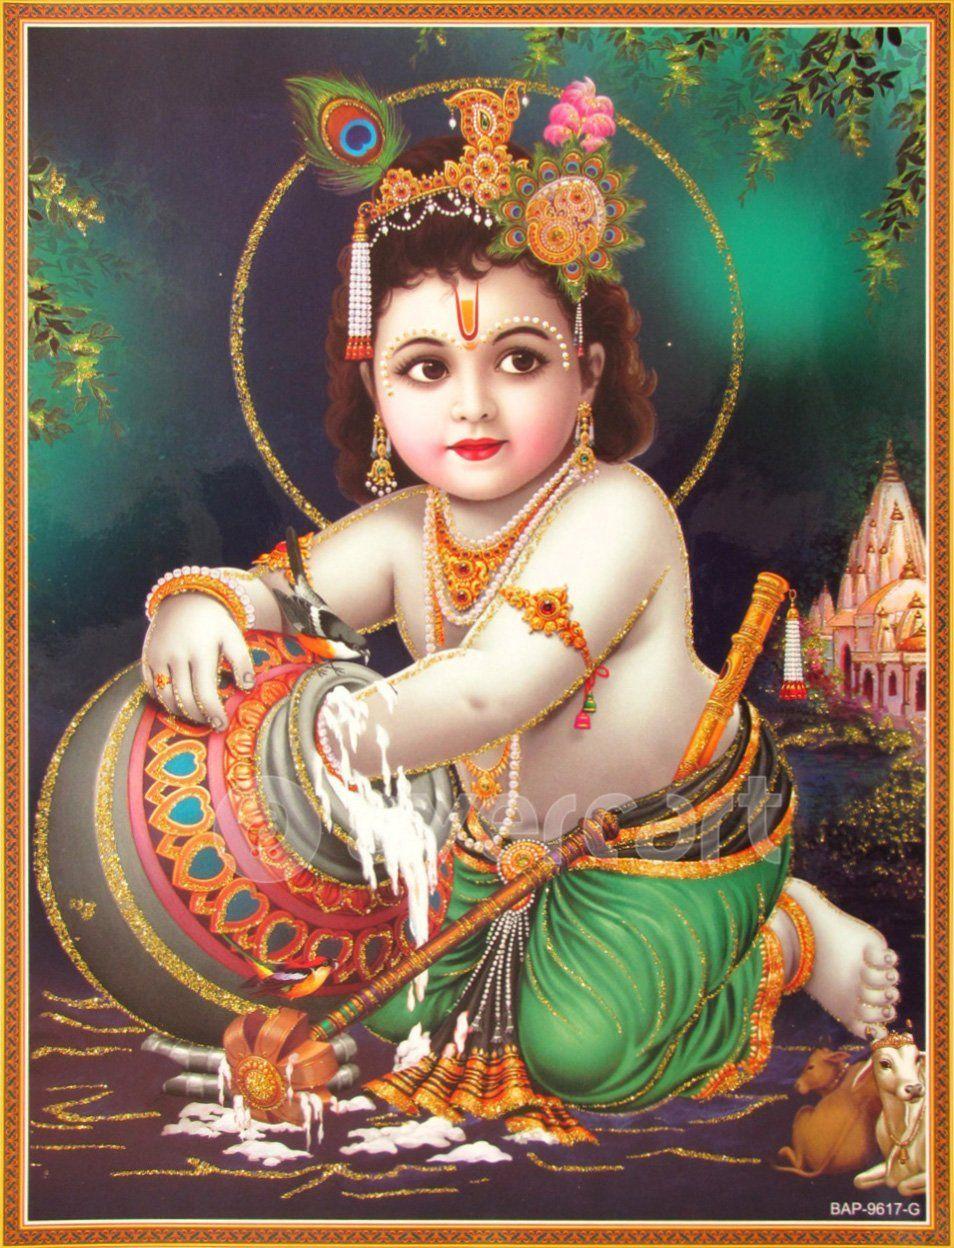 Lord shree bal krishna wallpaper beautiful hd wallpaper - Lord Krishna Shree Krishna Baby Krishna Bal Krishna Poster Size 9x11